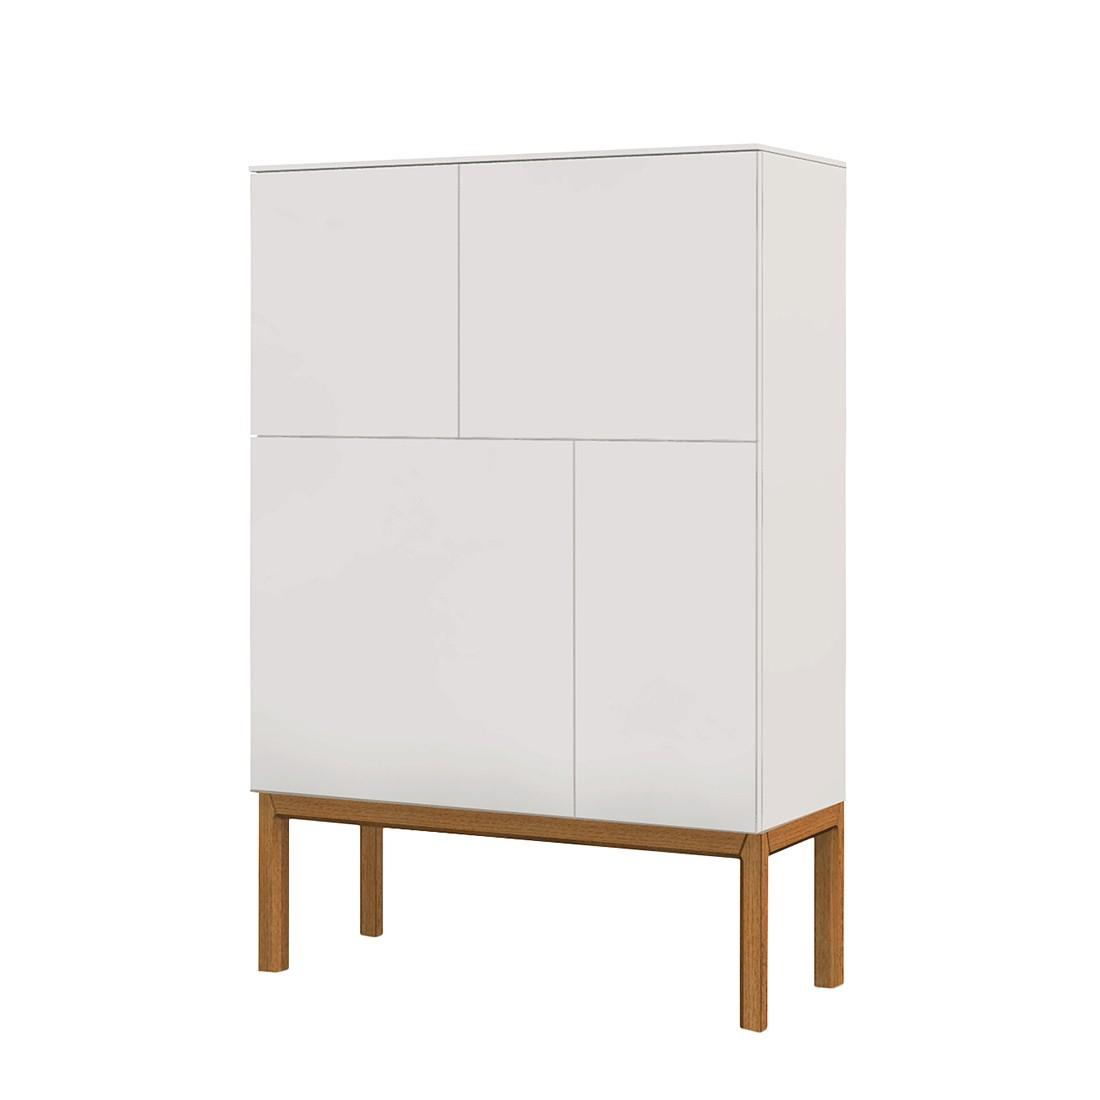 Credenza Patch II - Parzialmente in legno massello di quercia Bianco, Tenzo